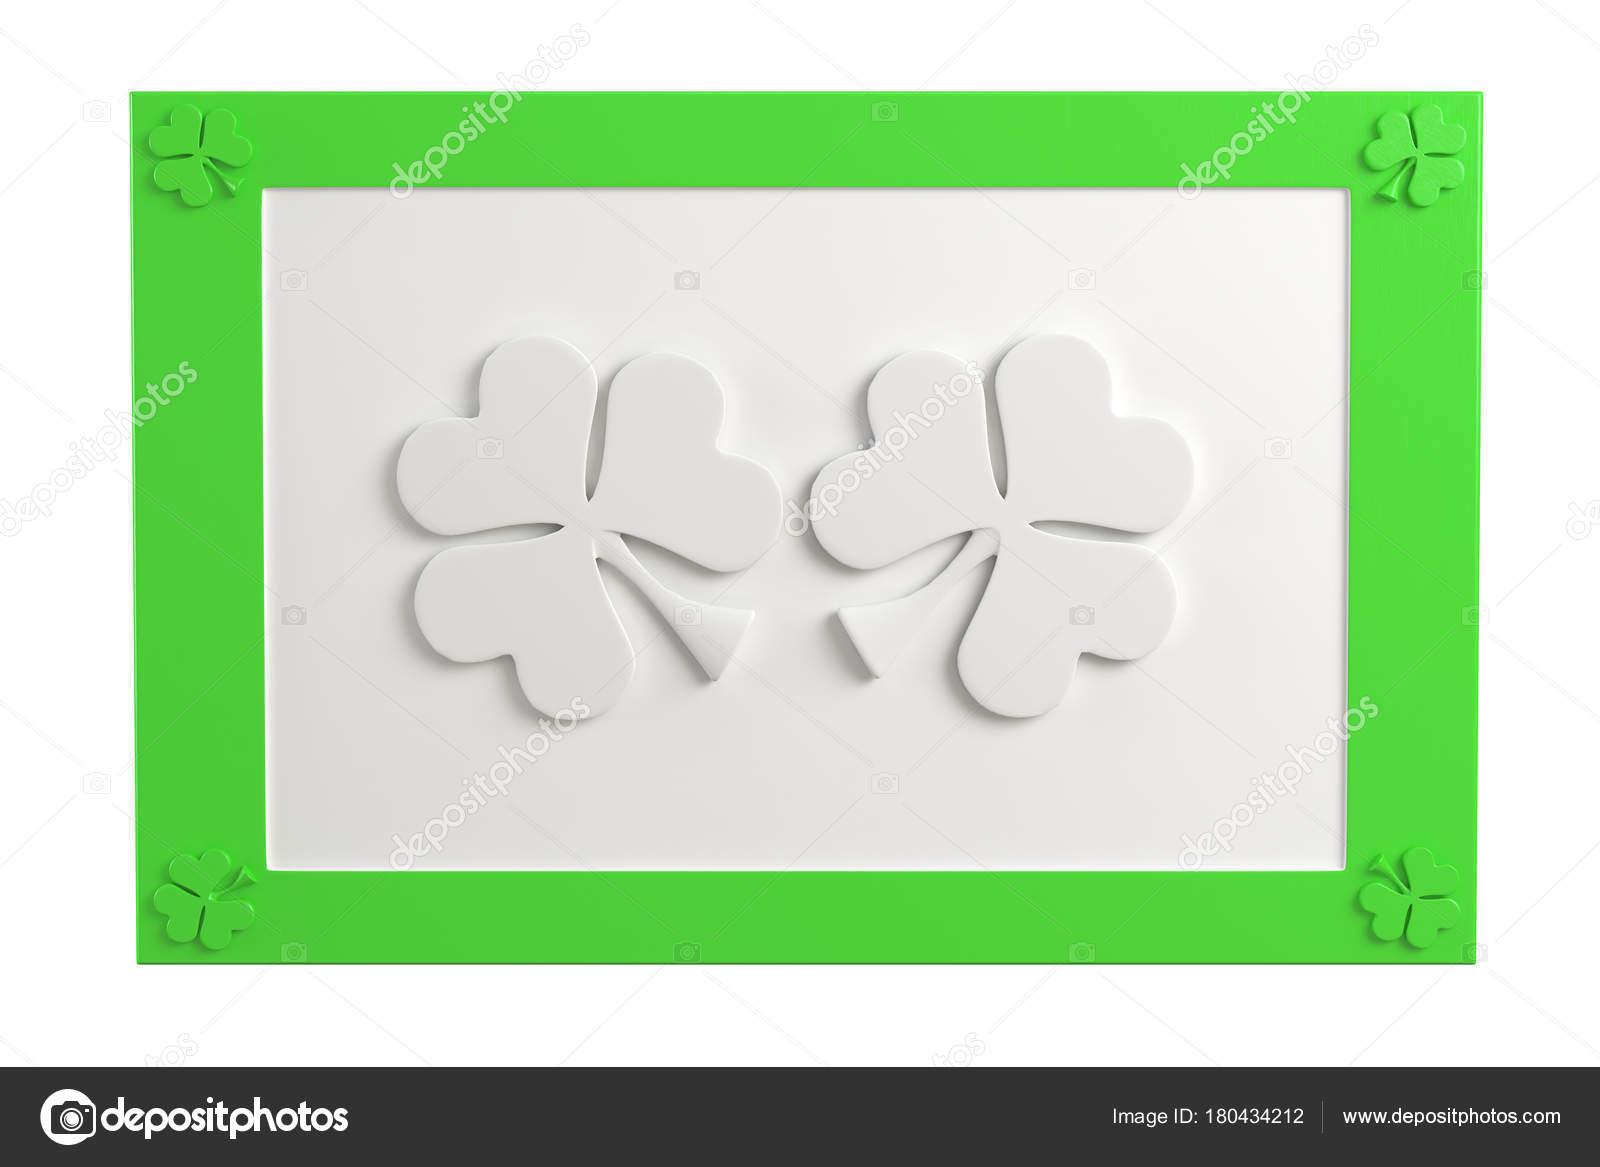 Marco con dos tres hoja de trébol — Foto de stock © AndKud #180434212